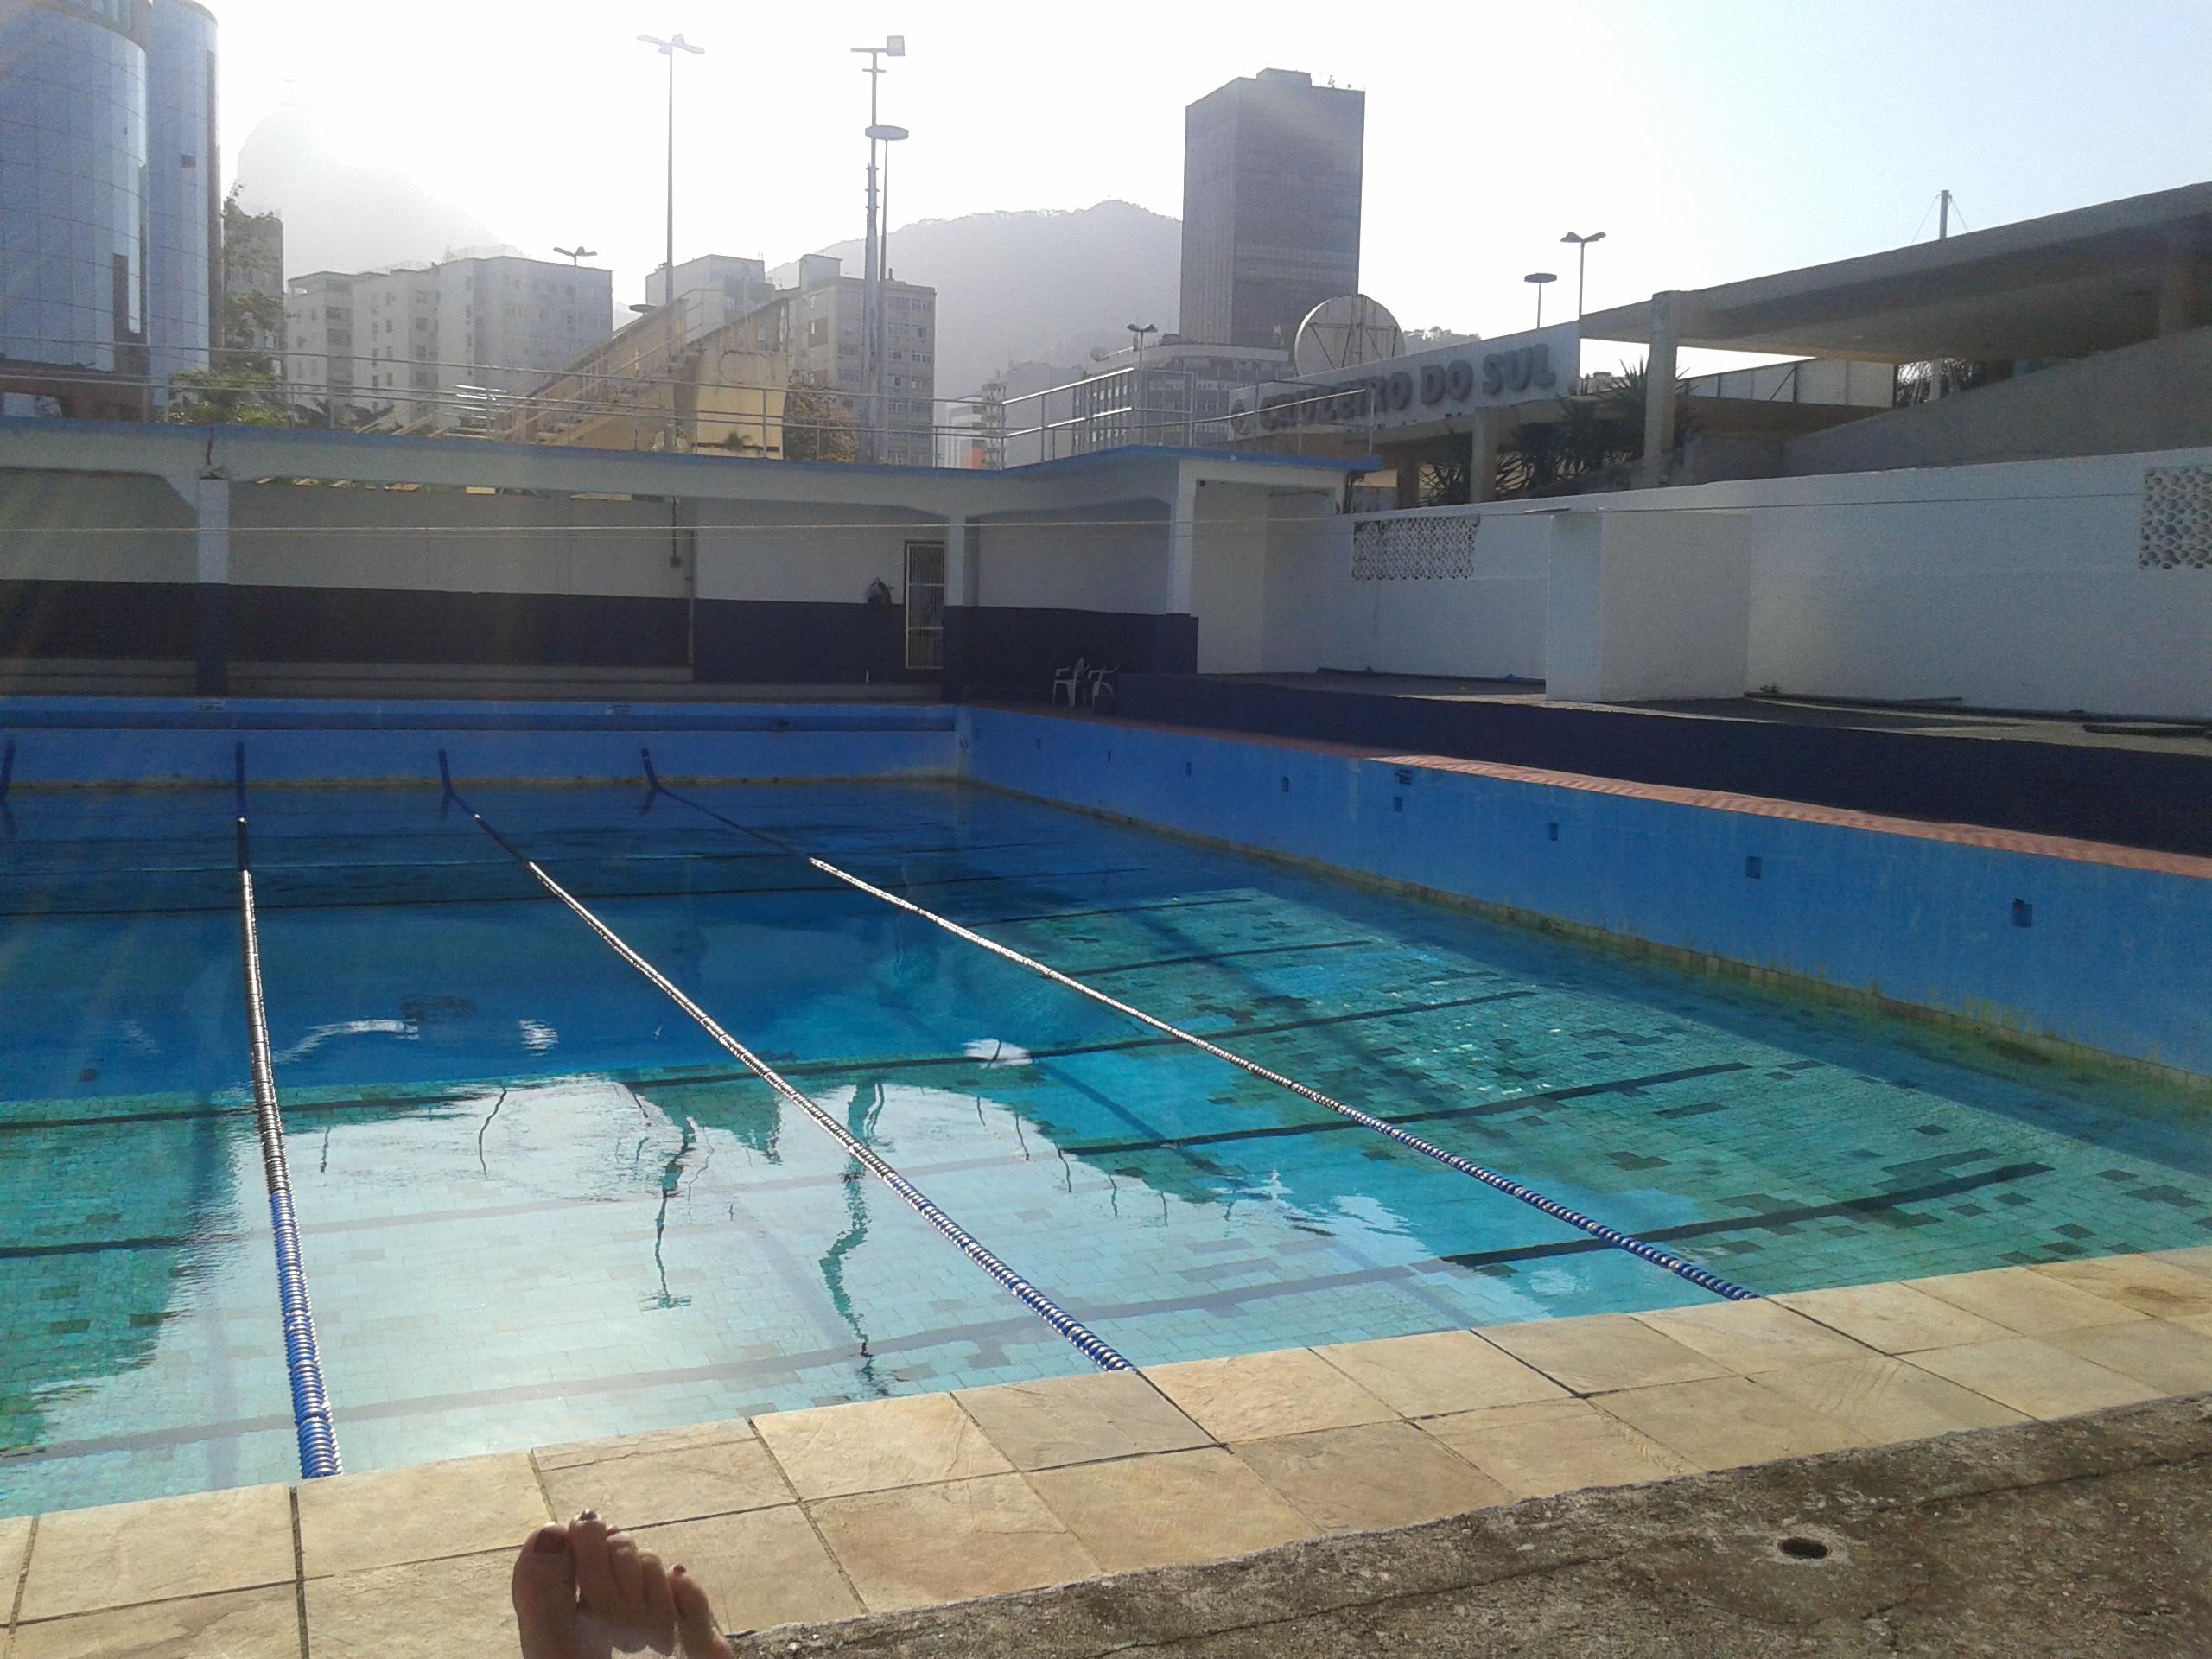 2266e5566a389 File 20171012160643 - Piscina Olimpica Centenária - Clube de Regatas  Guanabara - Botafogo - Rio de Janeiro - Brazil.jpg